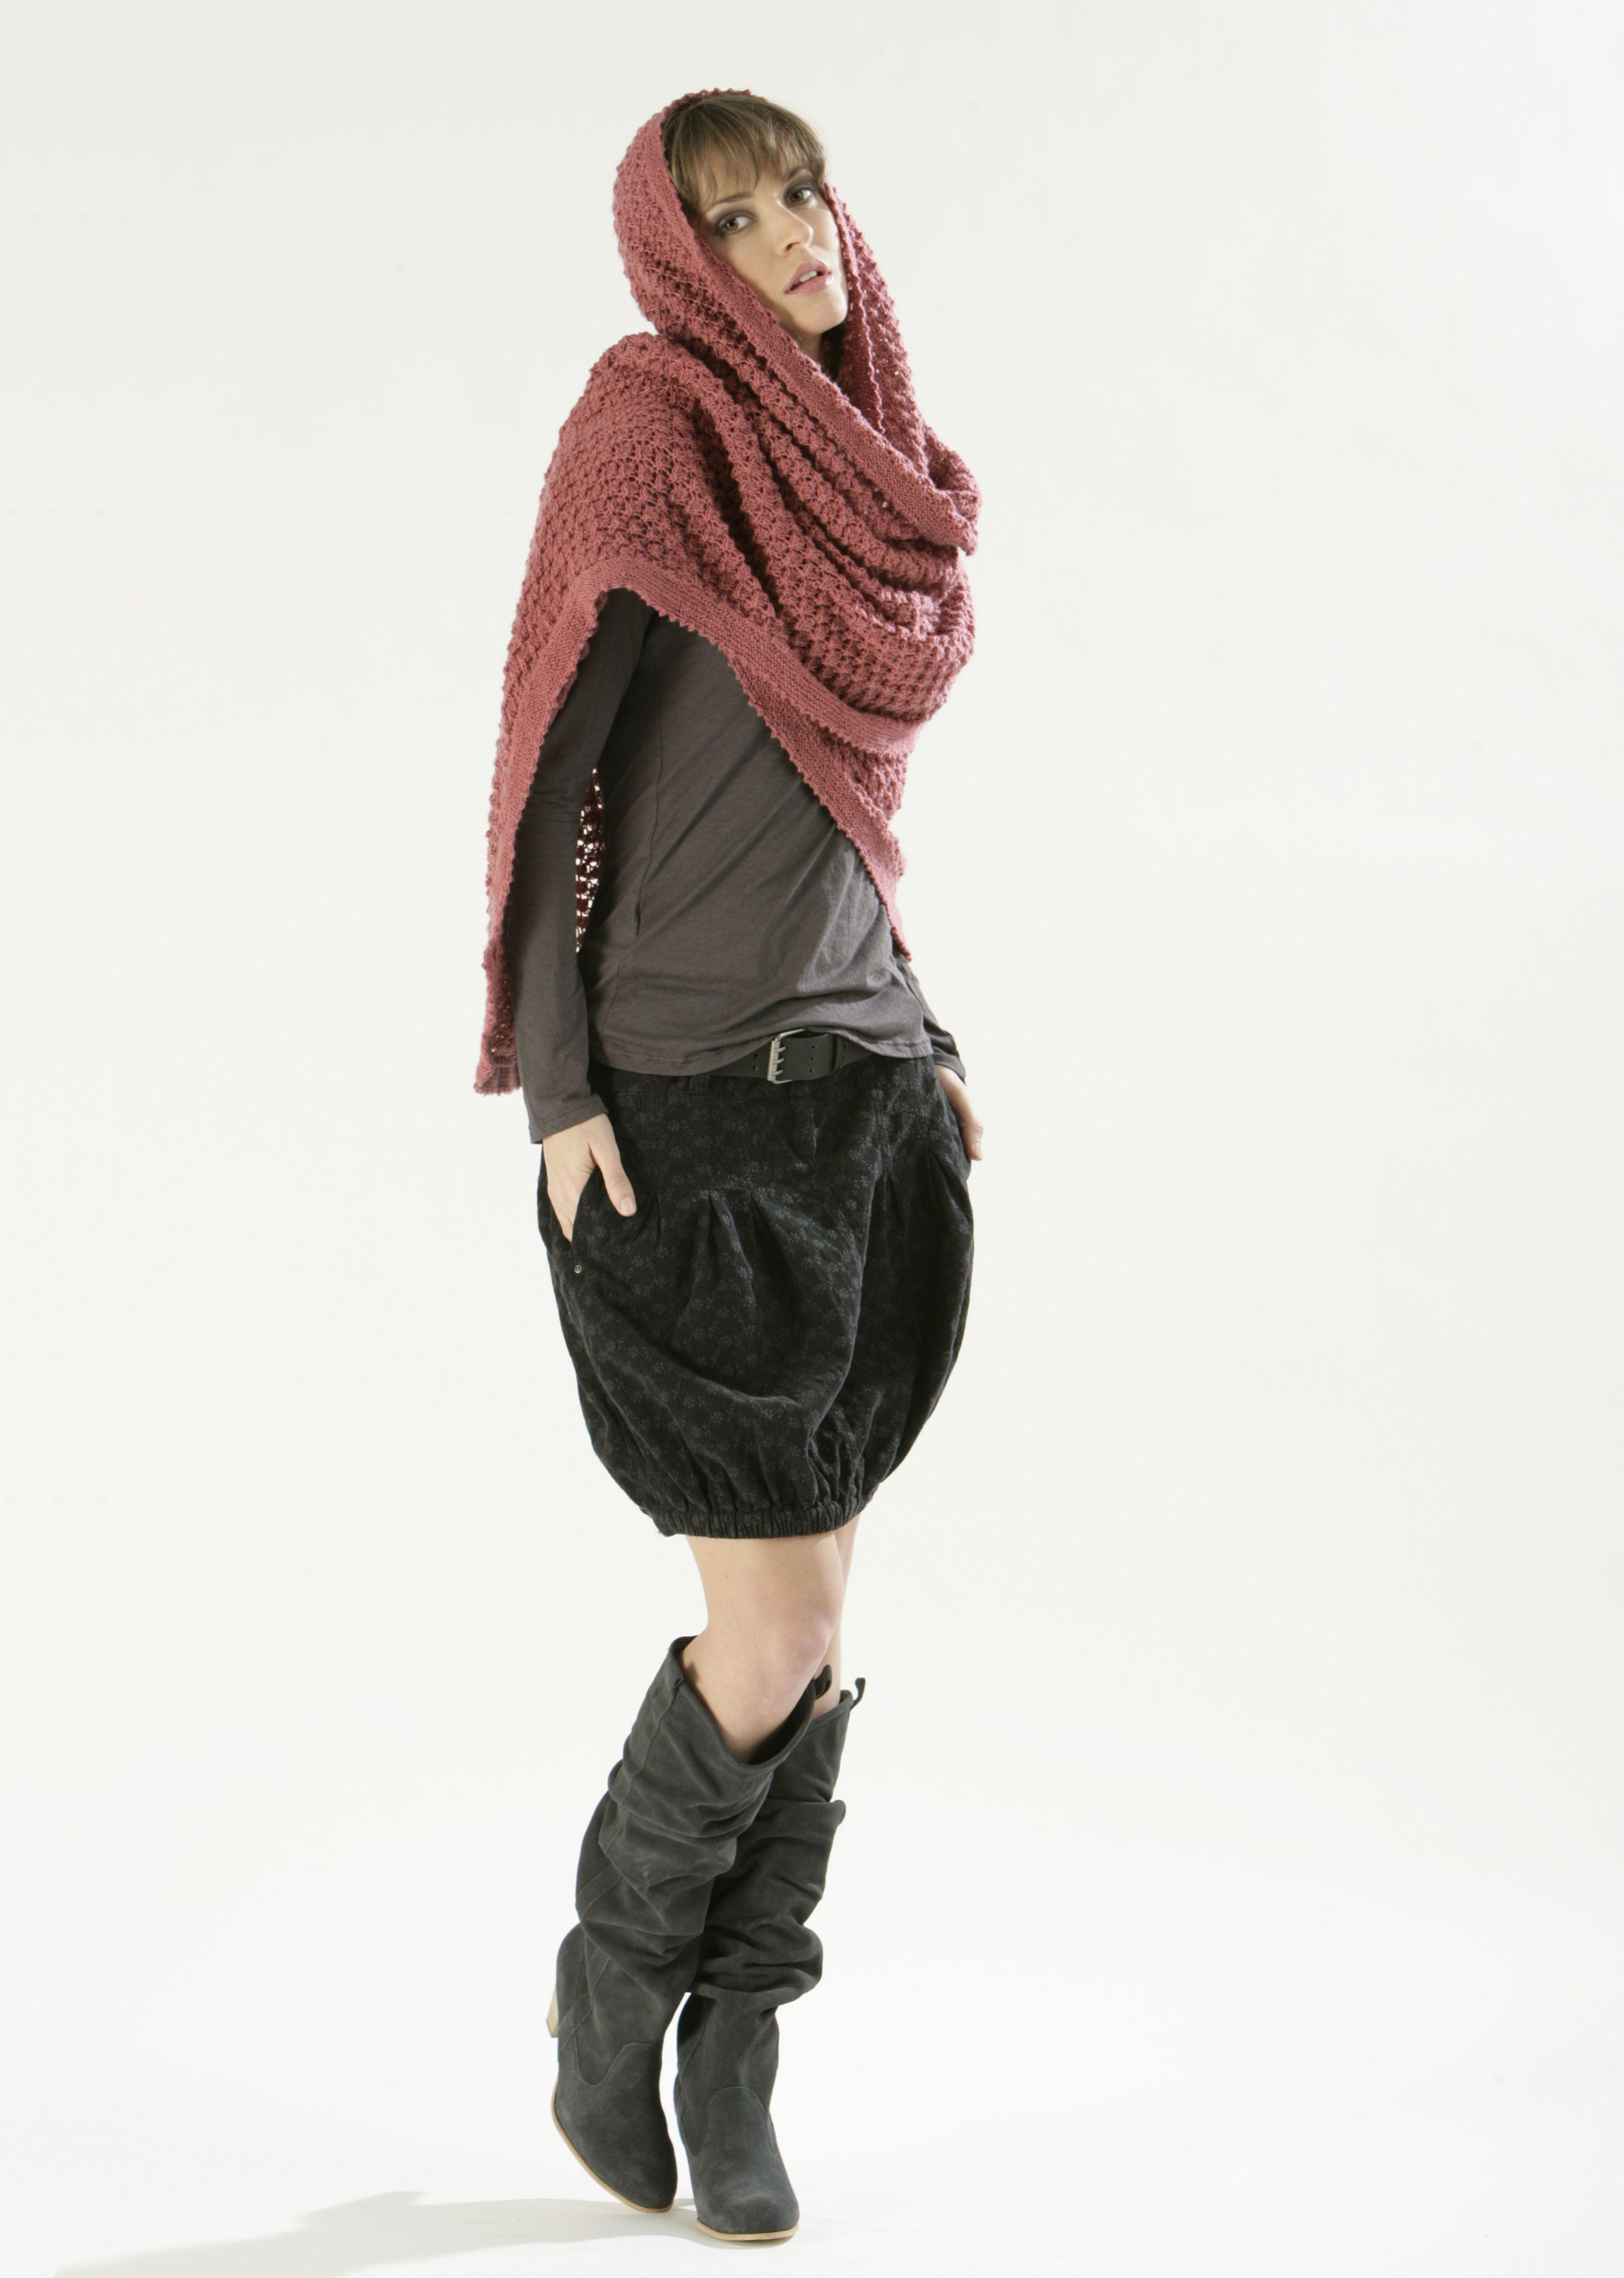 00b25dfb5eb4 Modèle de tricot - Châle Femme - Catalogue Cheval Blanc n°10 - Laine  utilisée   ORIENT